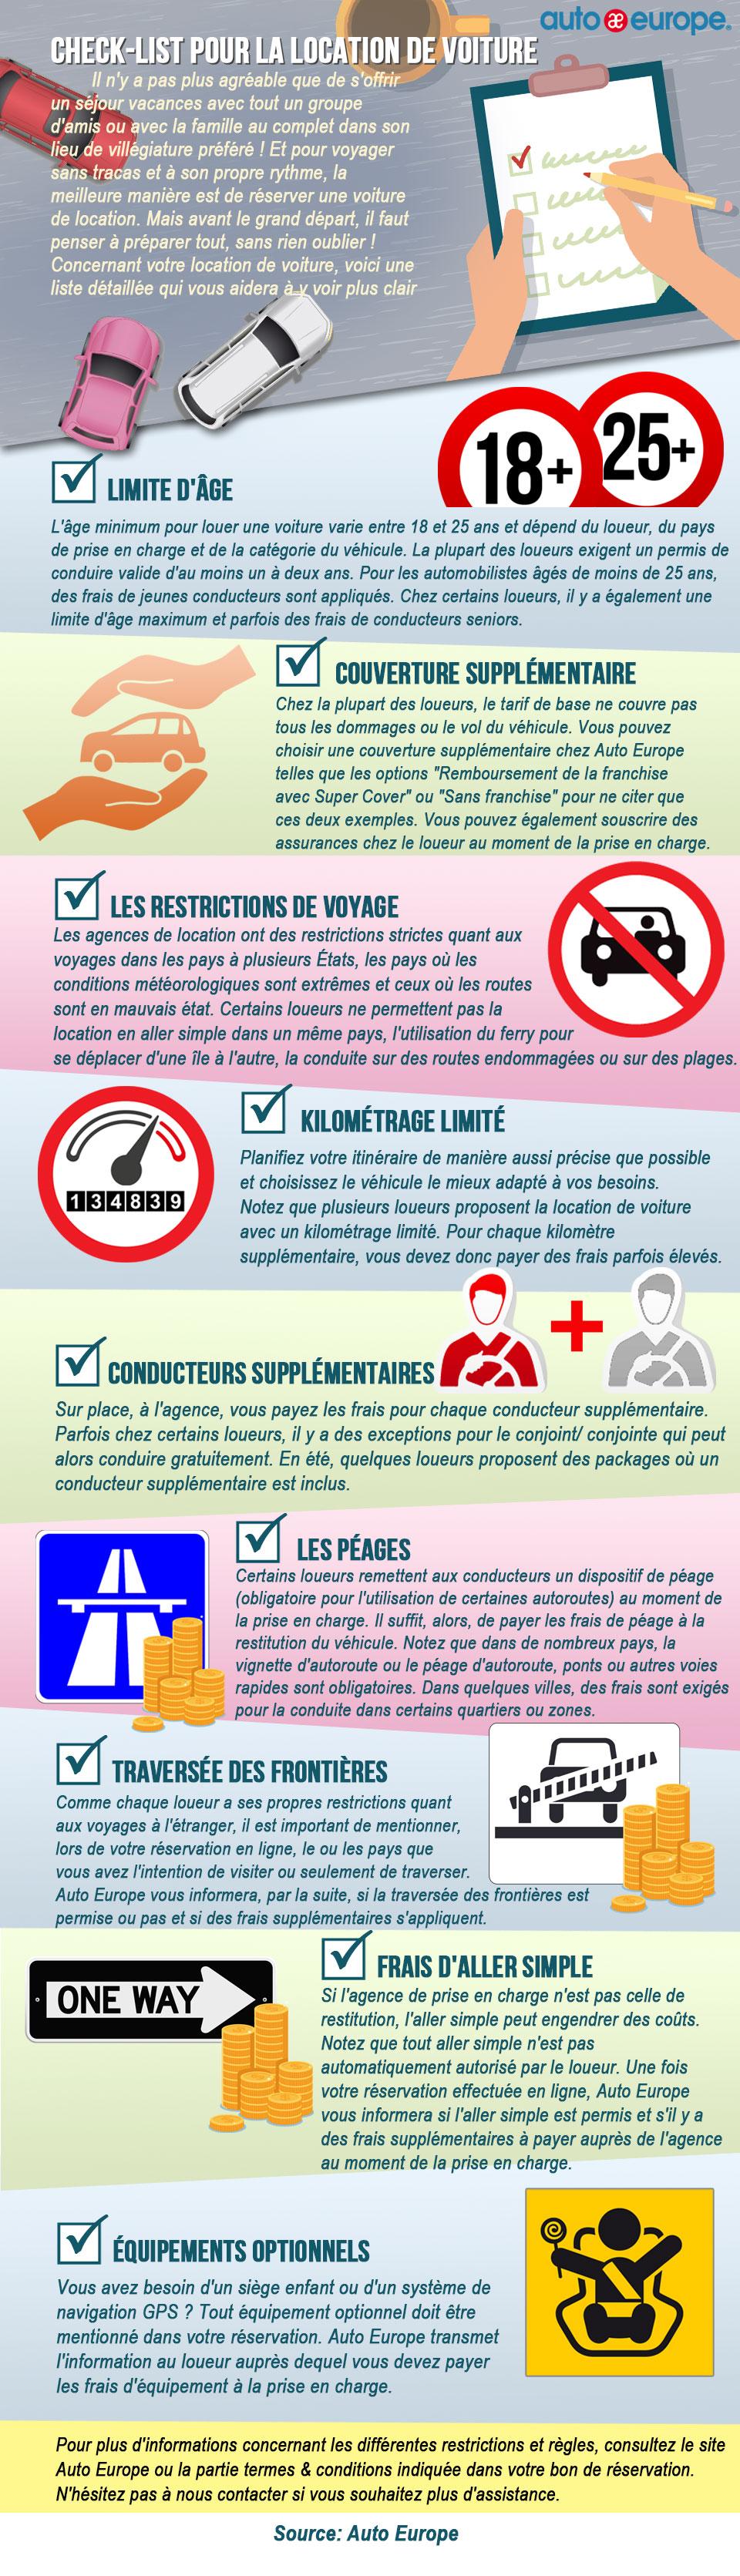 Check-list pour réussir votre location de véhicule | Infographie